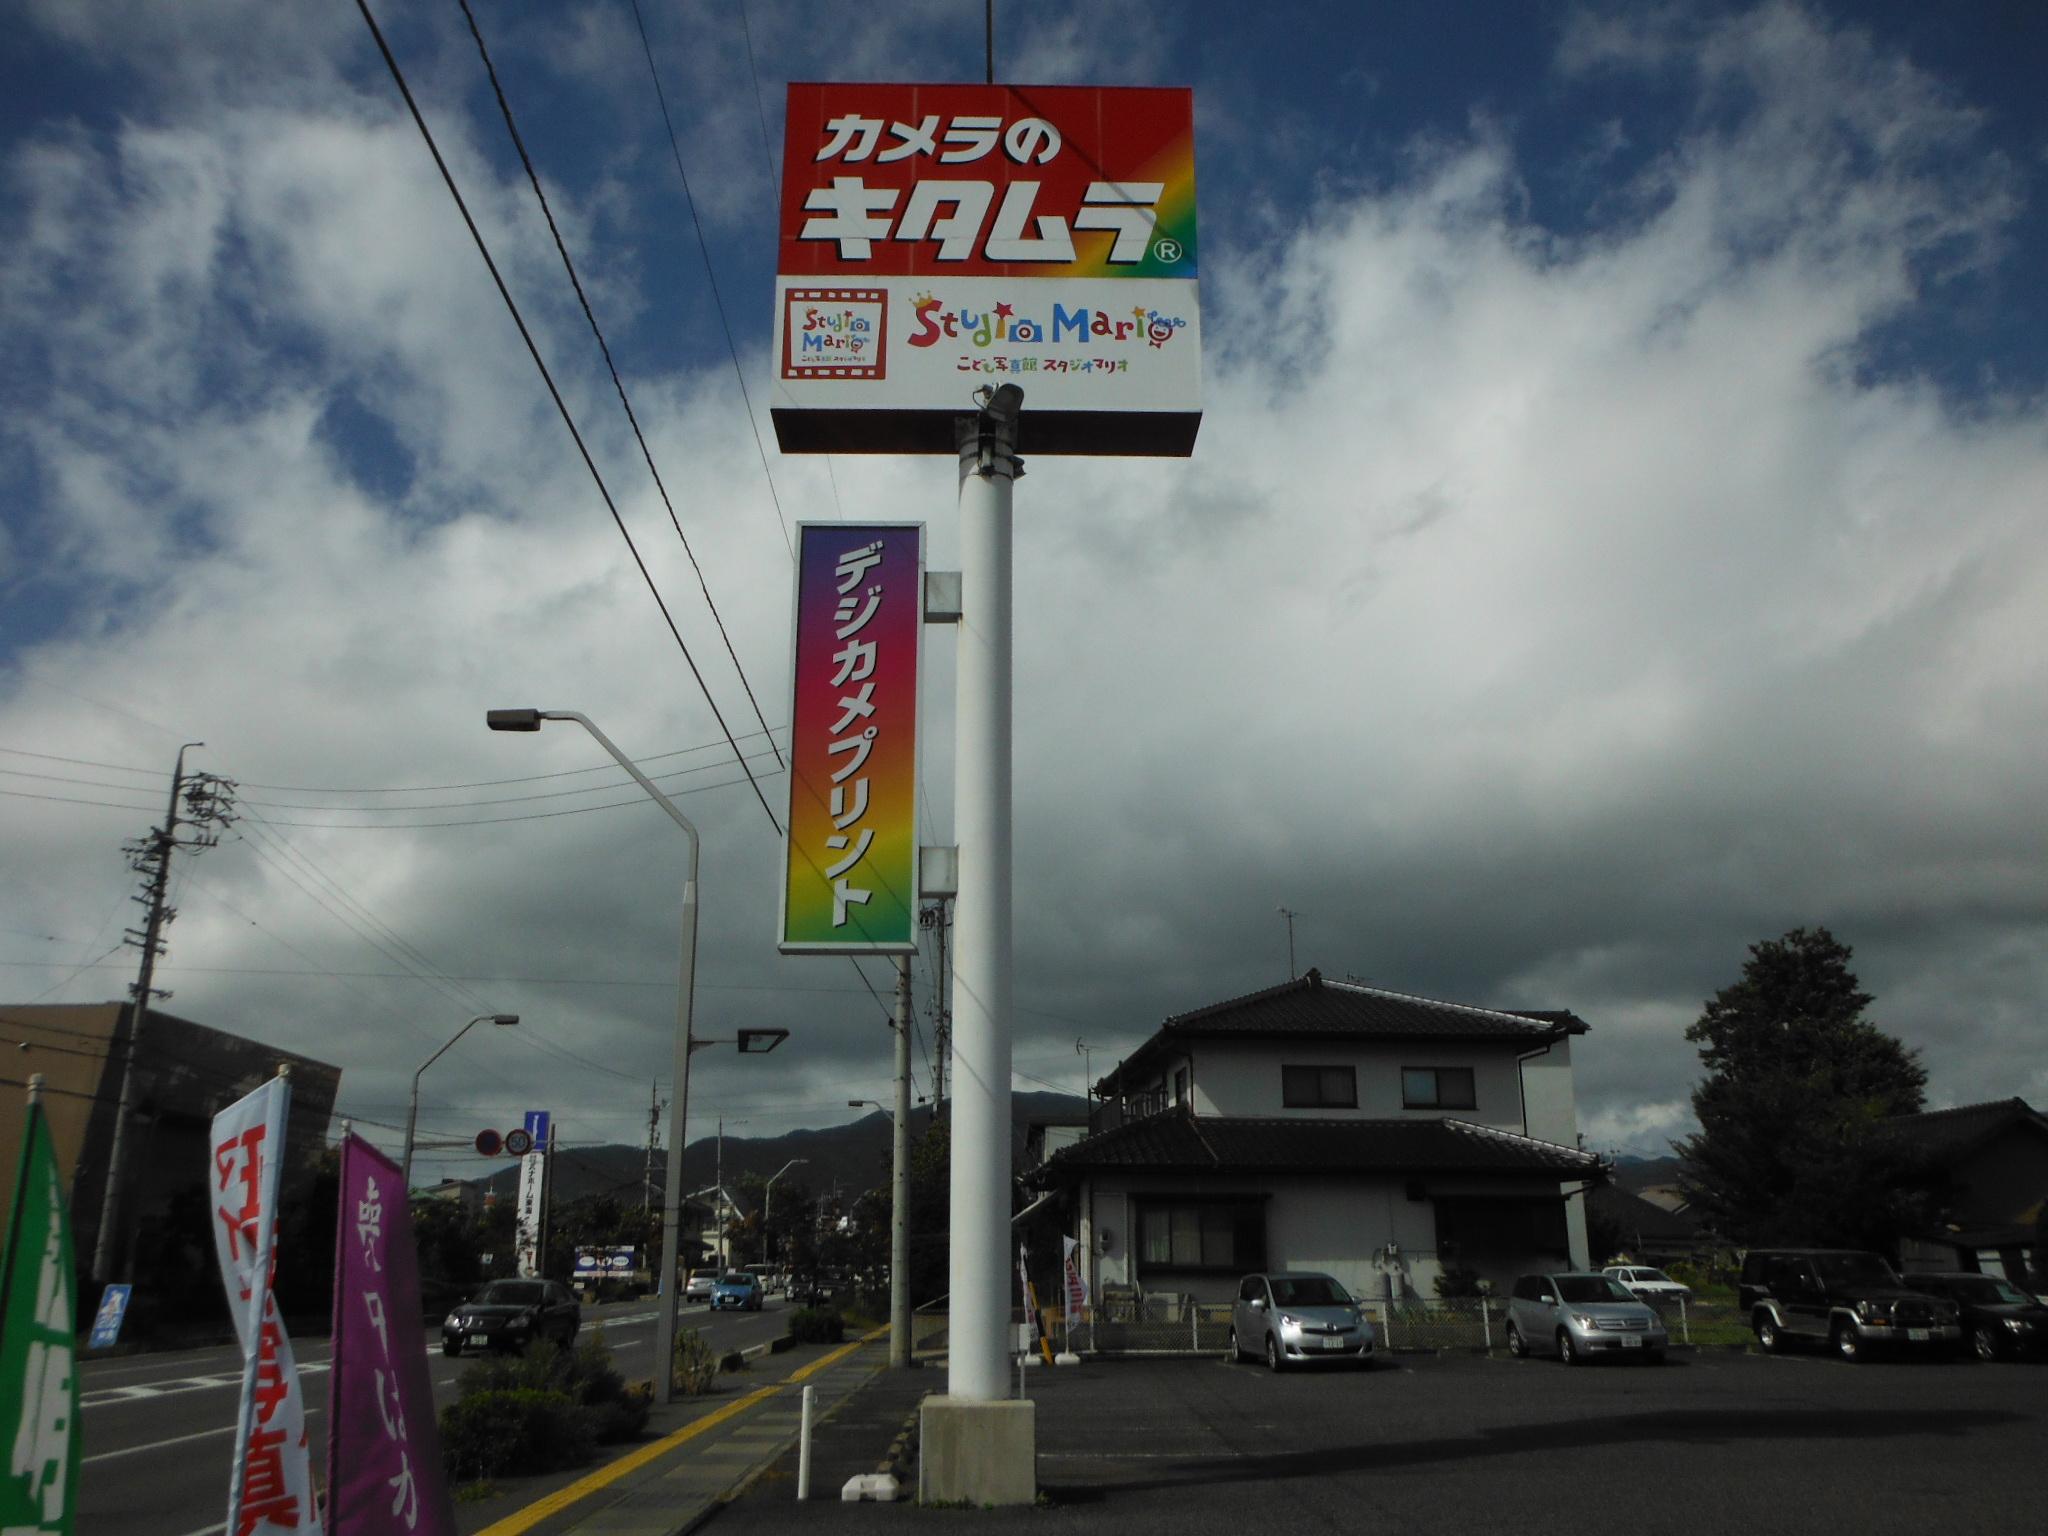 カメラのキタムラ様-大型ポールサイン